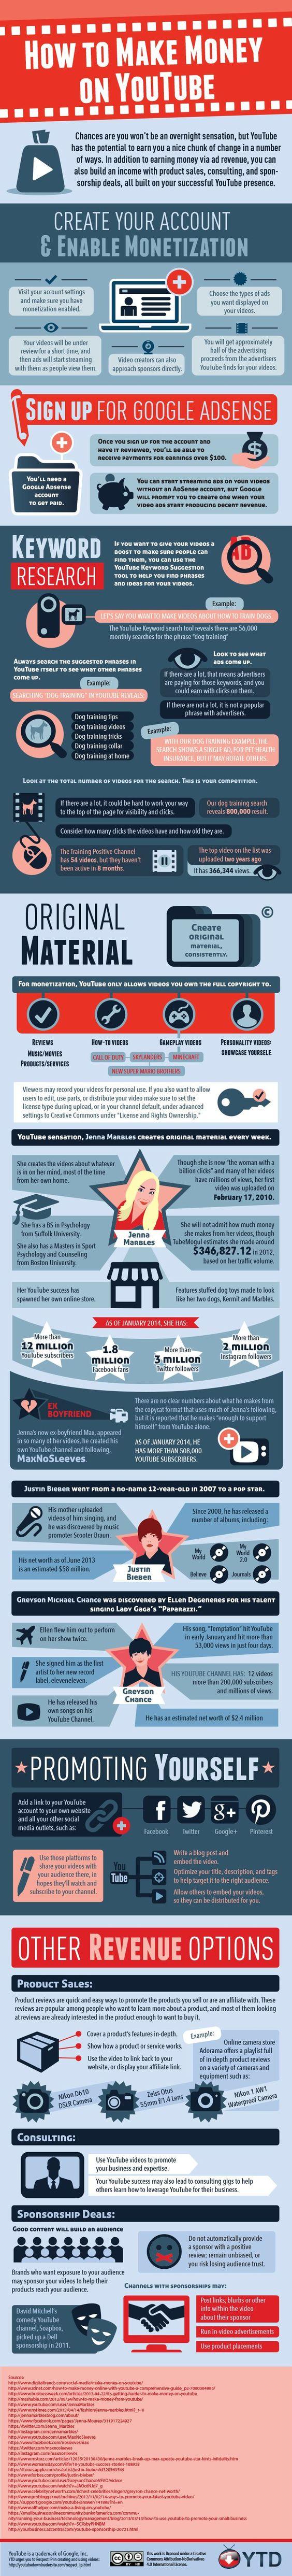 Une infographie qui met en avant comment gagner de l'argent avec Youtube.